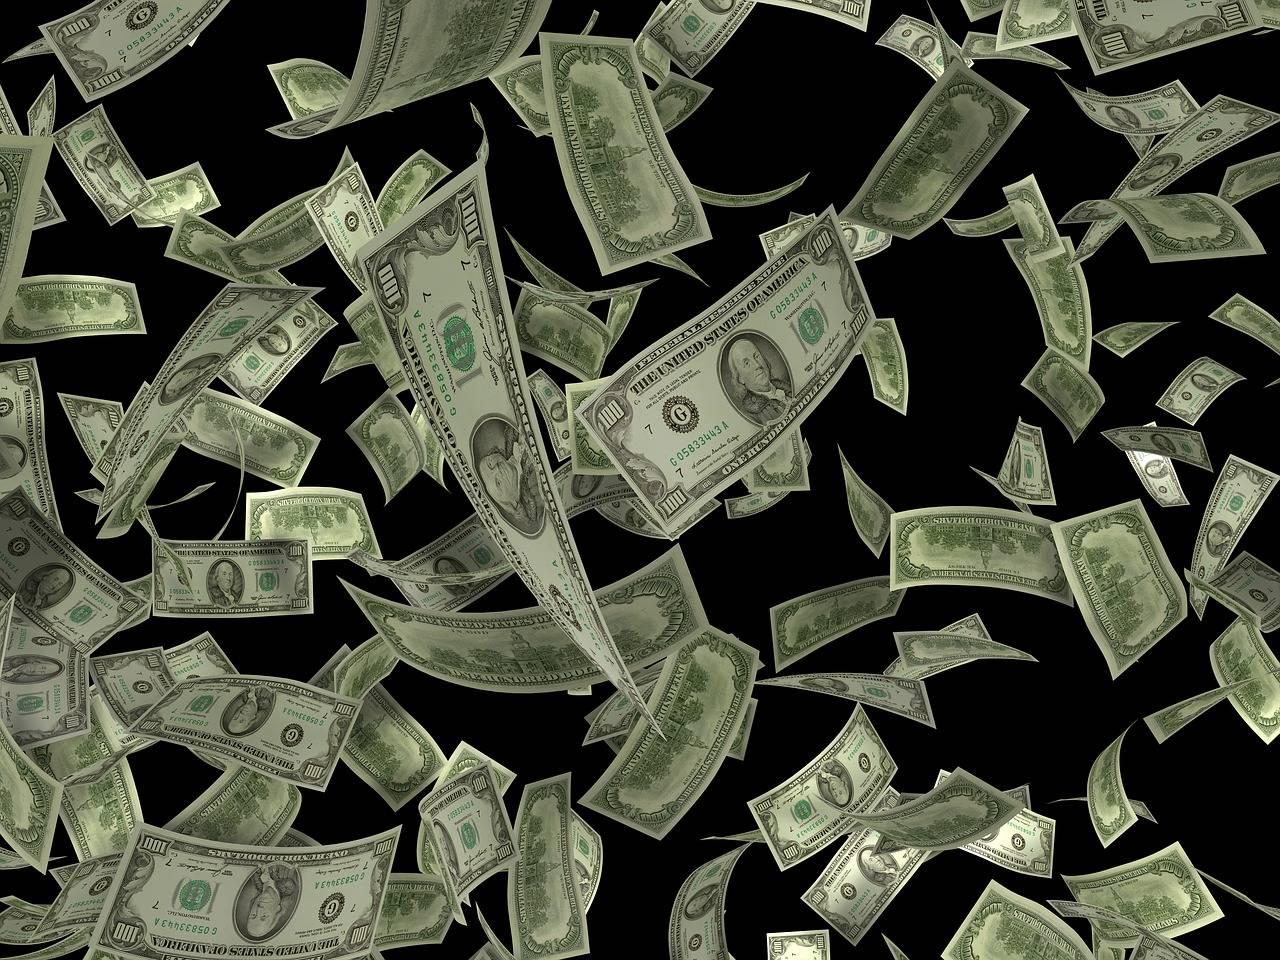 末日博士鲁比尼:央行数字货币革命将在三年内到来